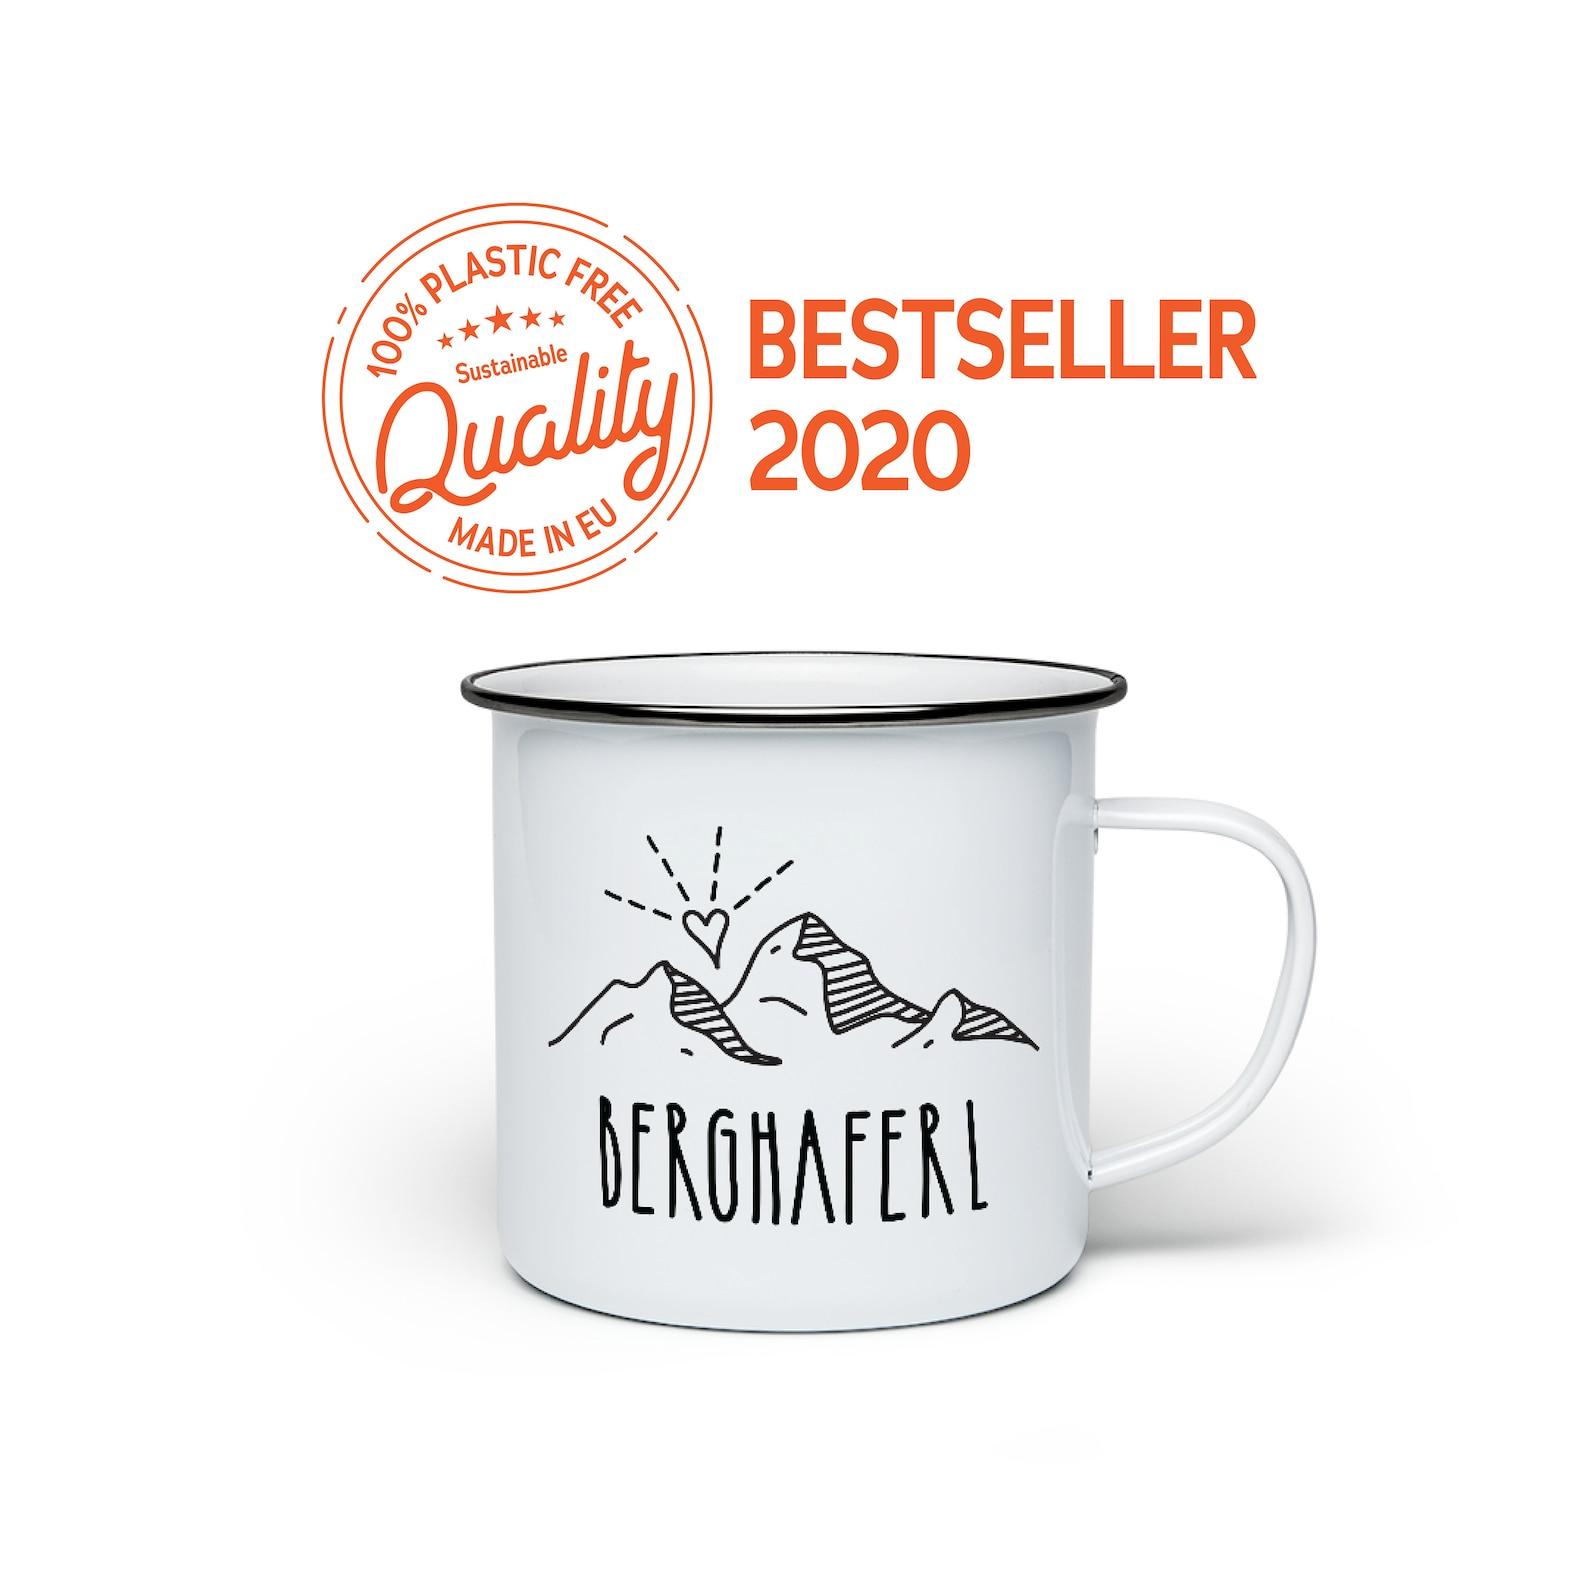 Enamel mug with unique German design